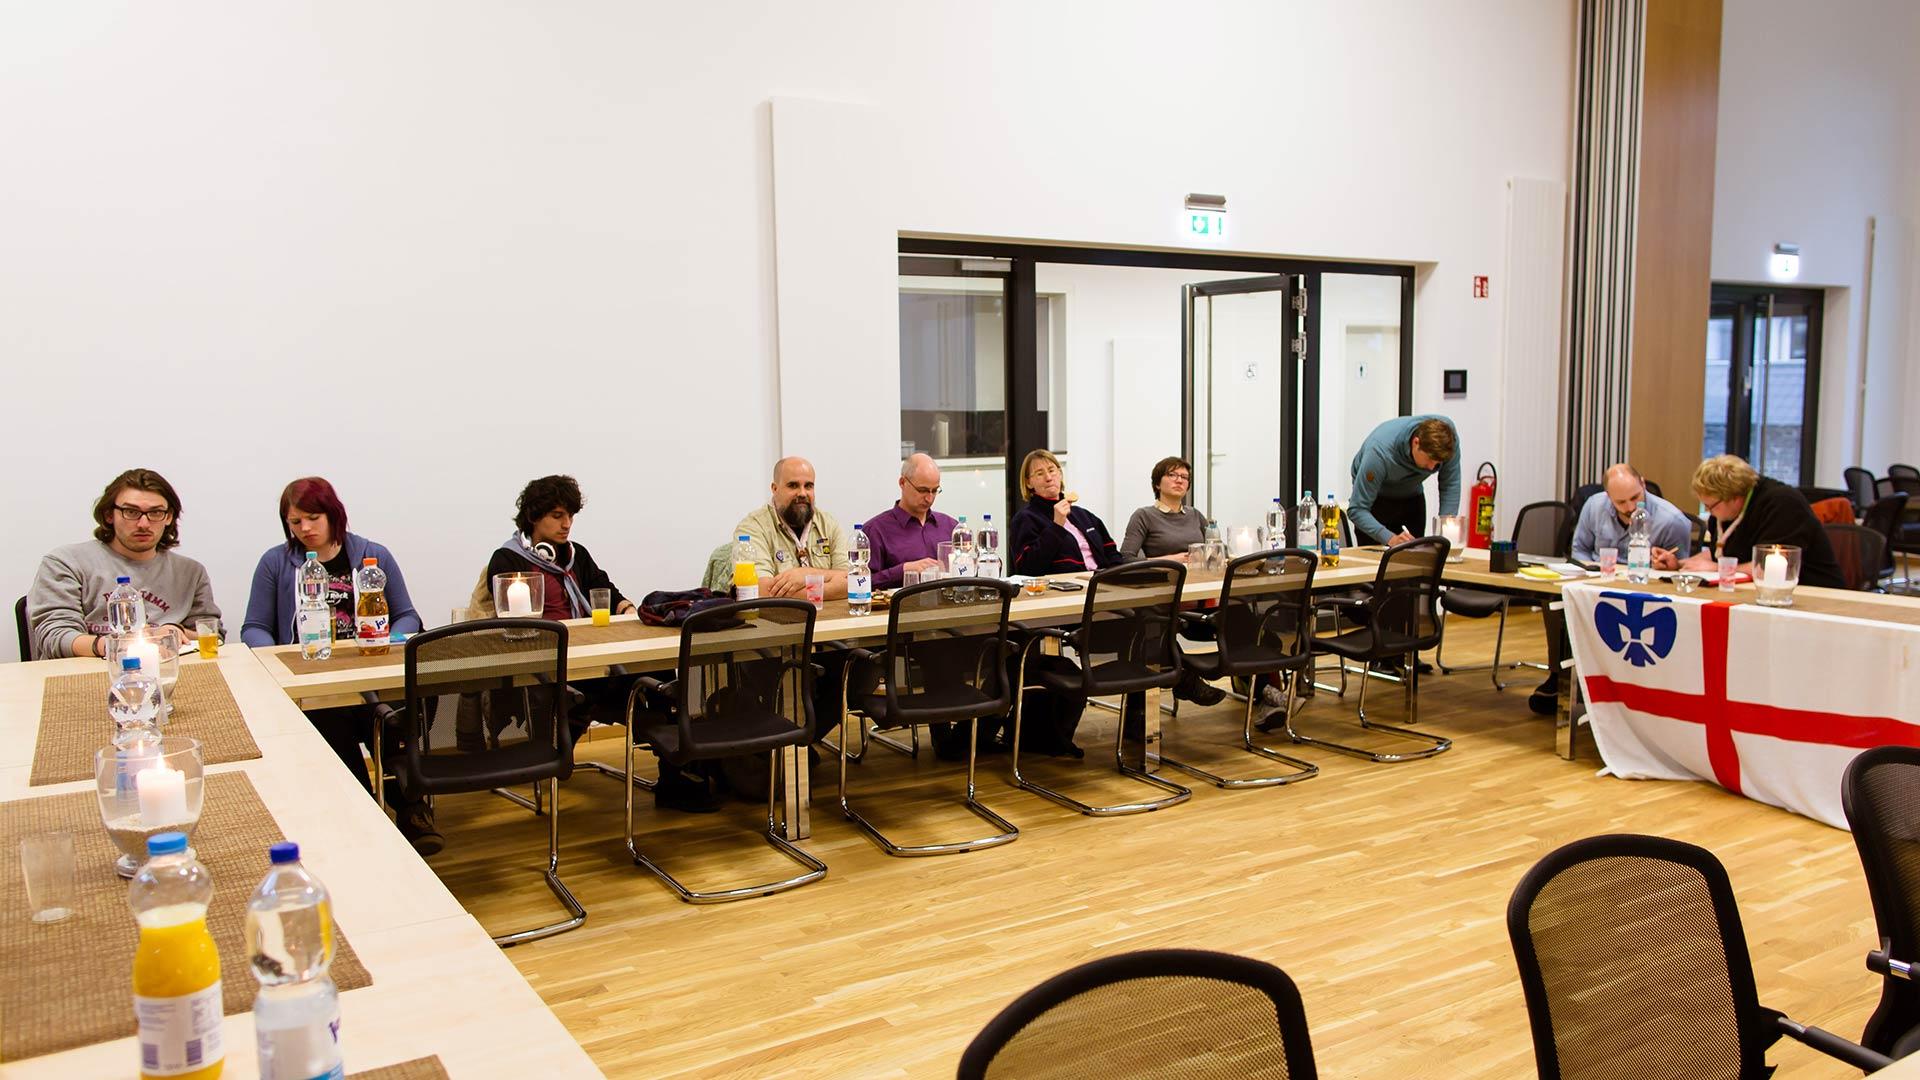 Bezirksversammlung-S.Humbek-2016052420160524-IM6A7125